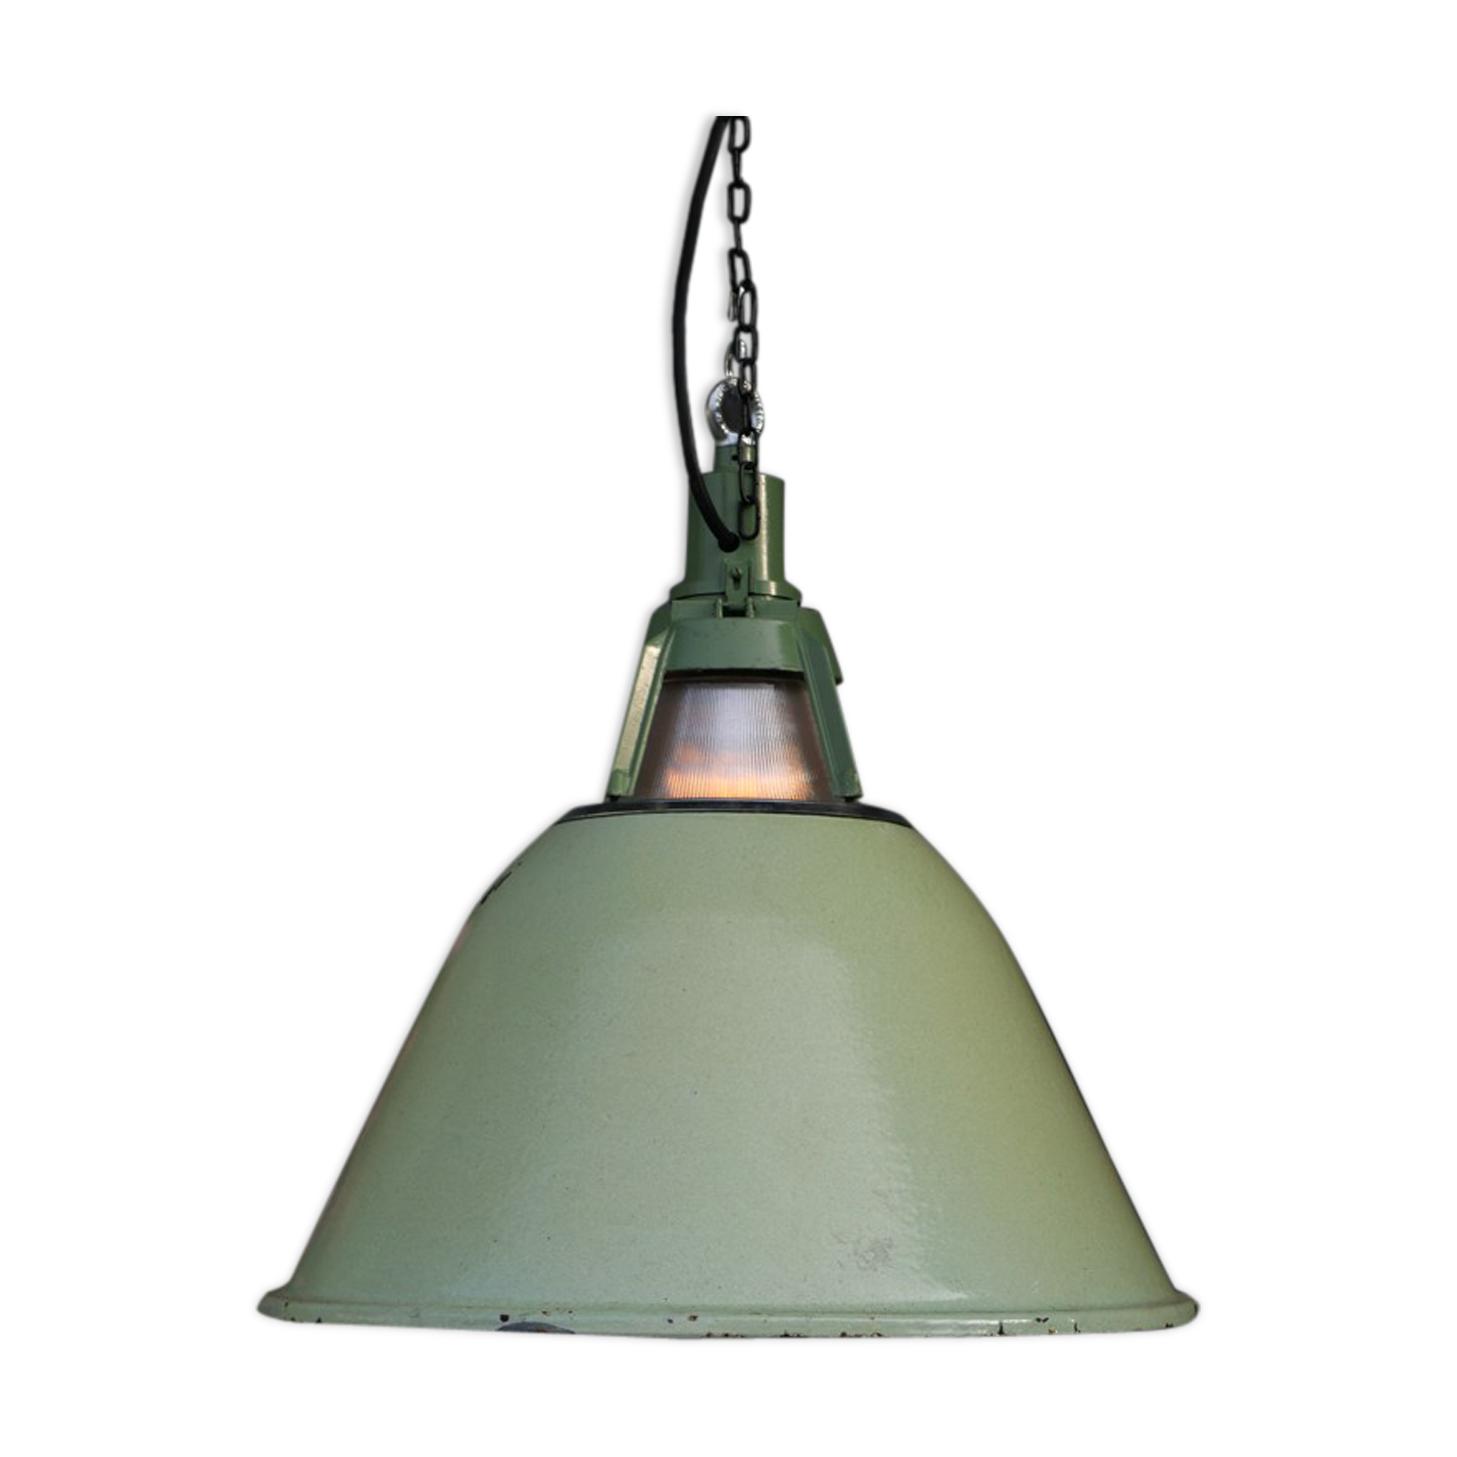 Suspension émaillée vert lampe holophane conique origine Union Sovietique